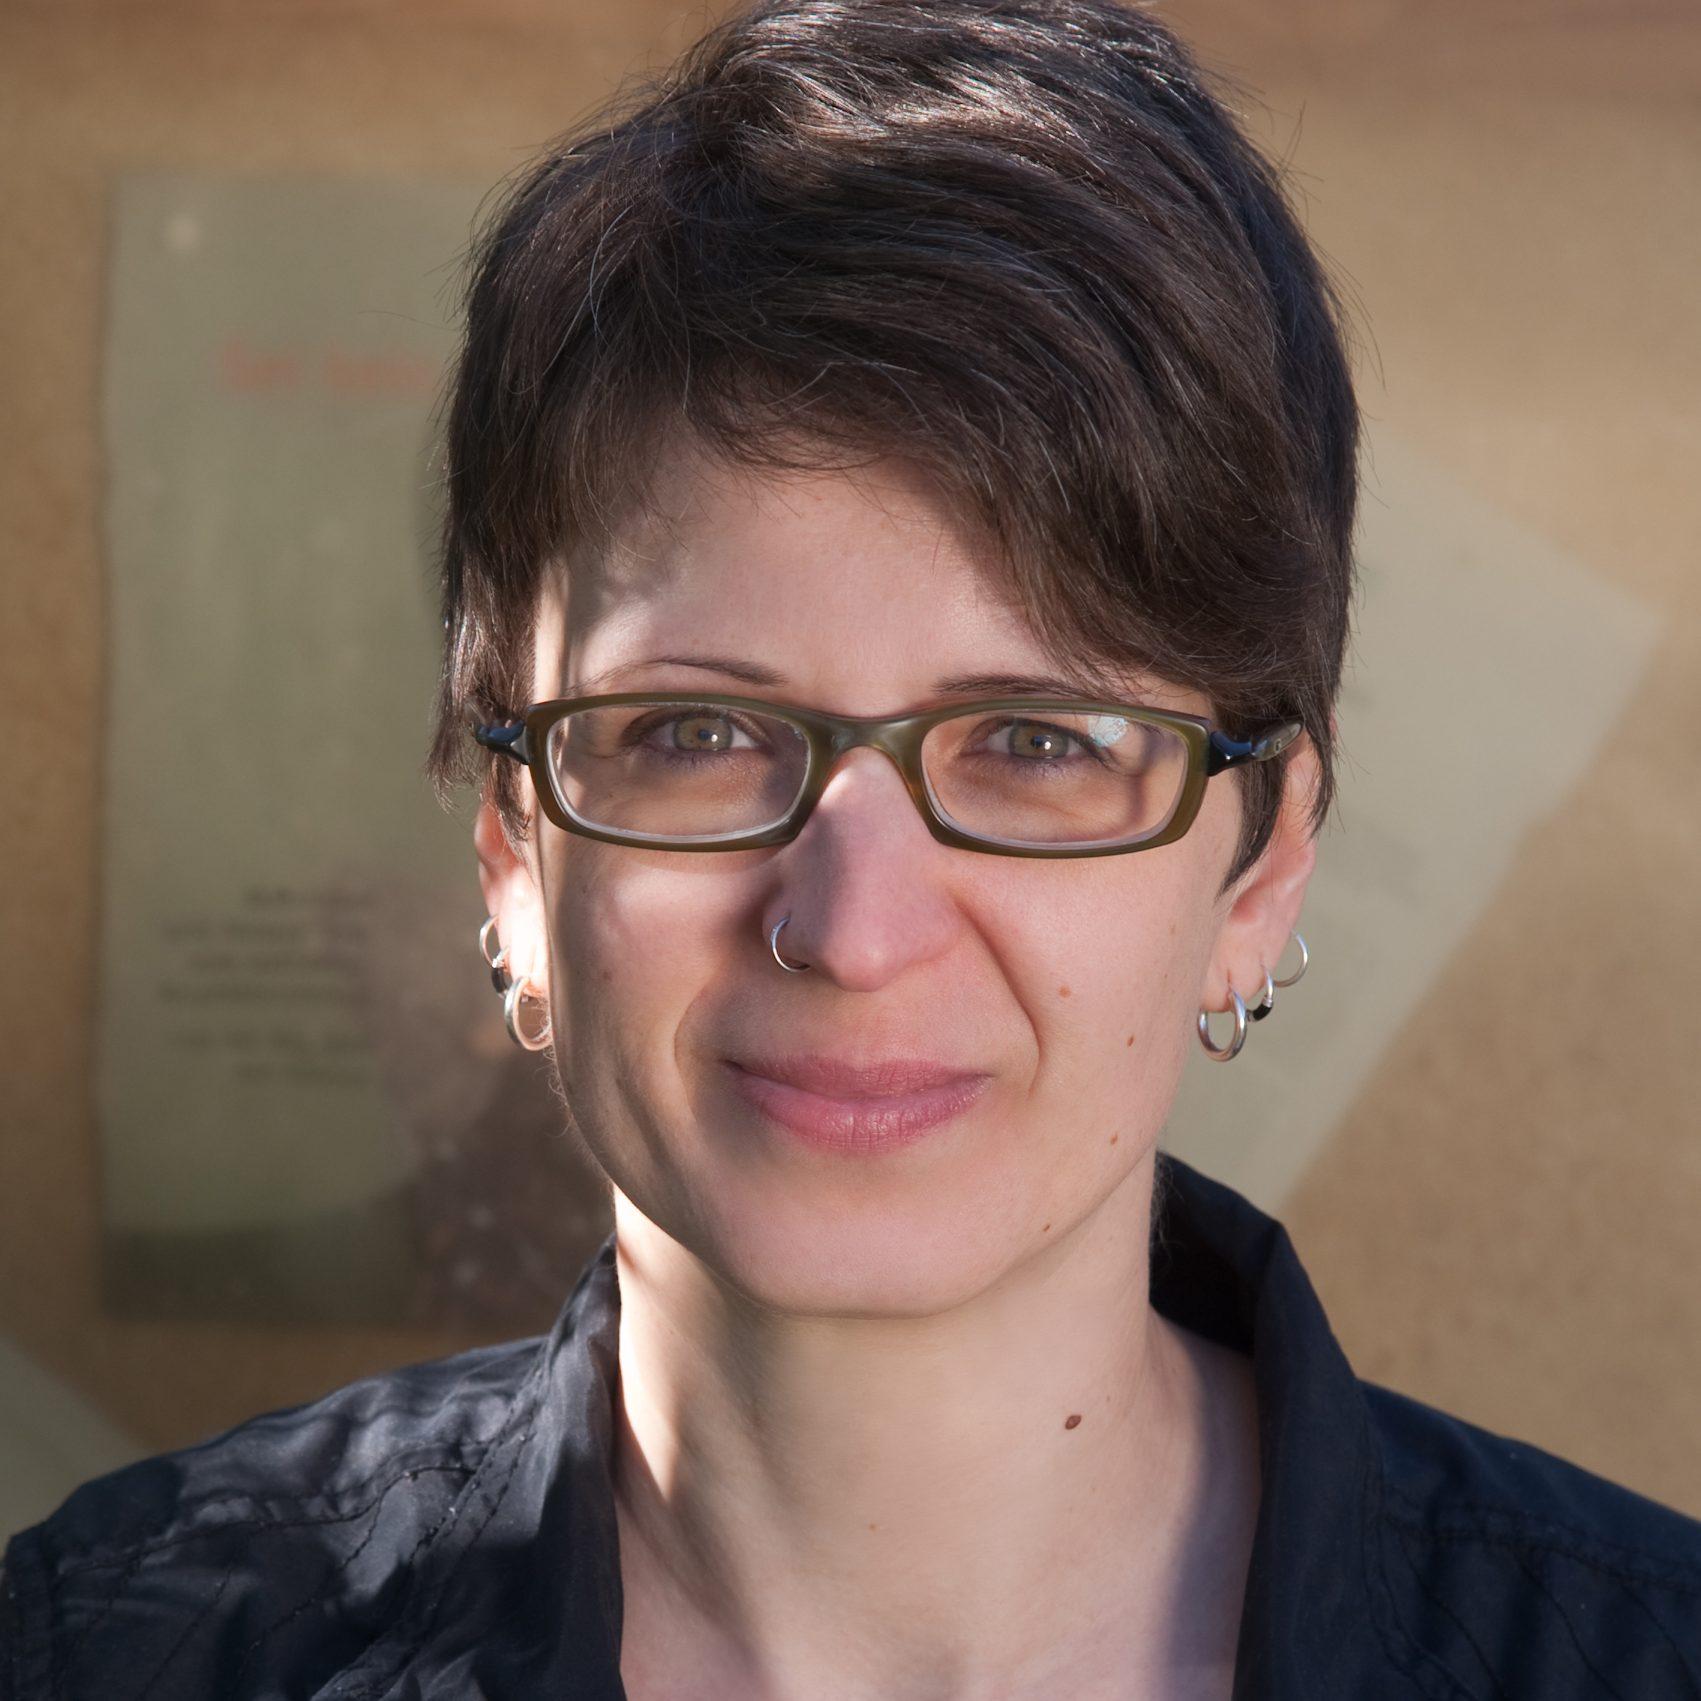 Heidemarie Wolter